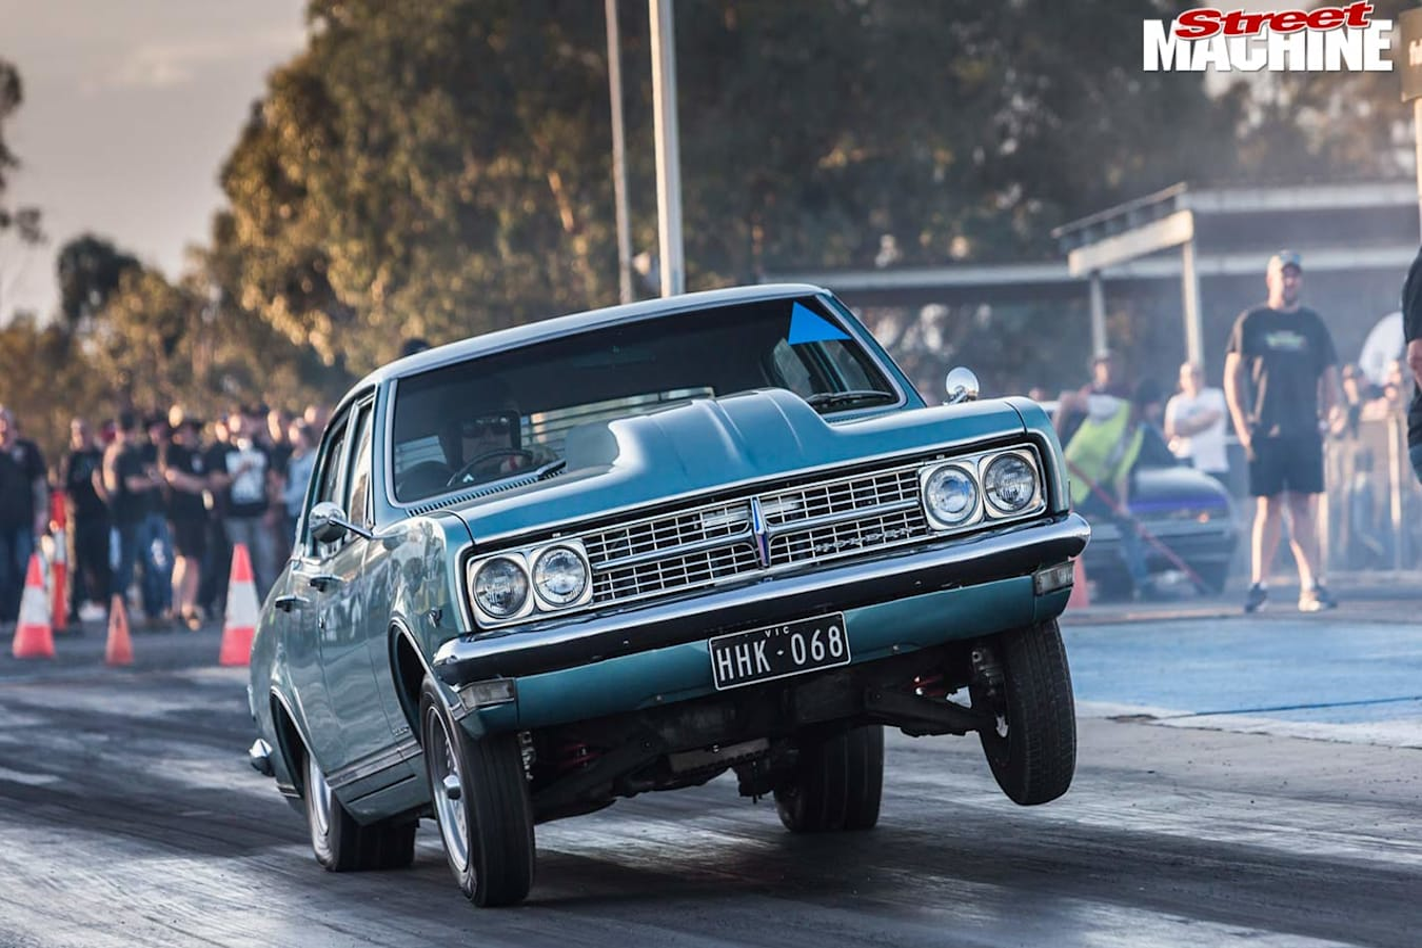 Holden HK Premier